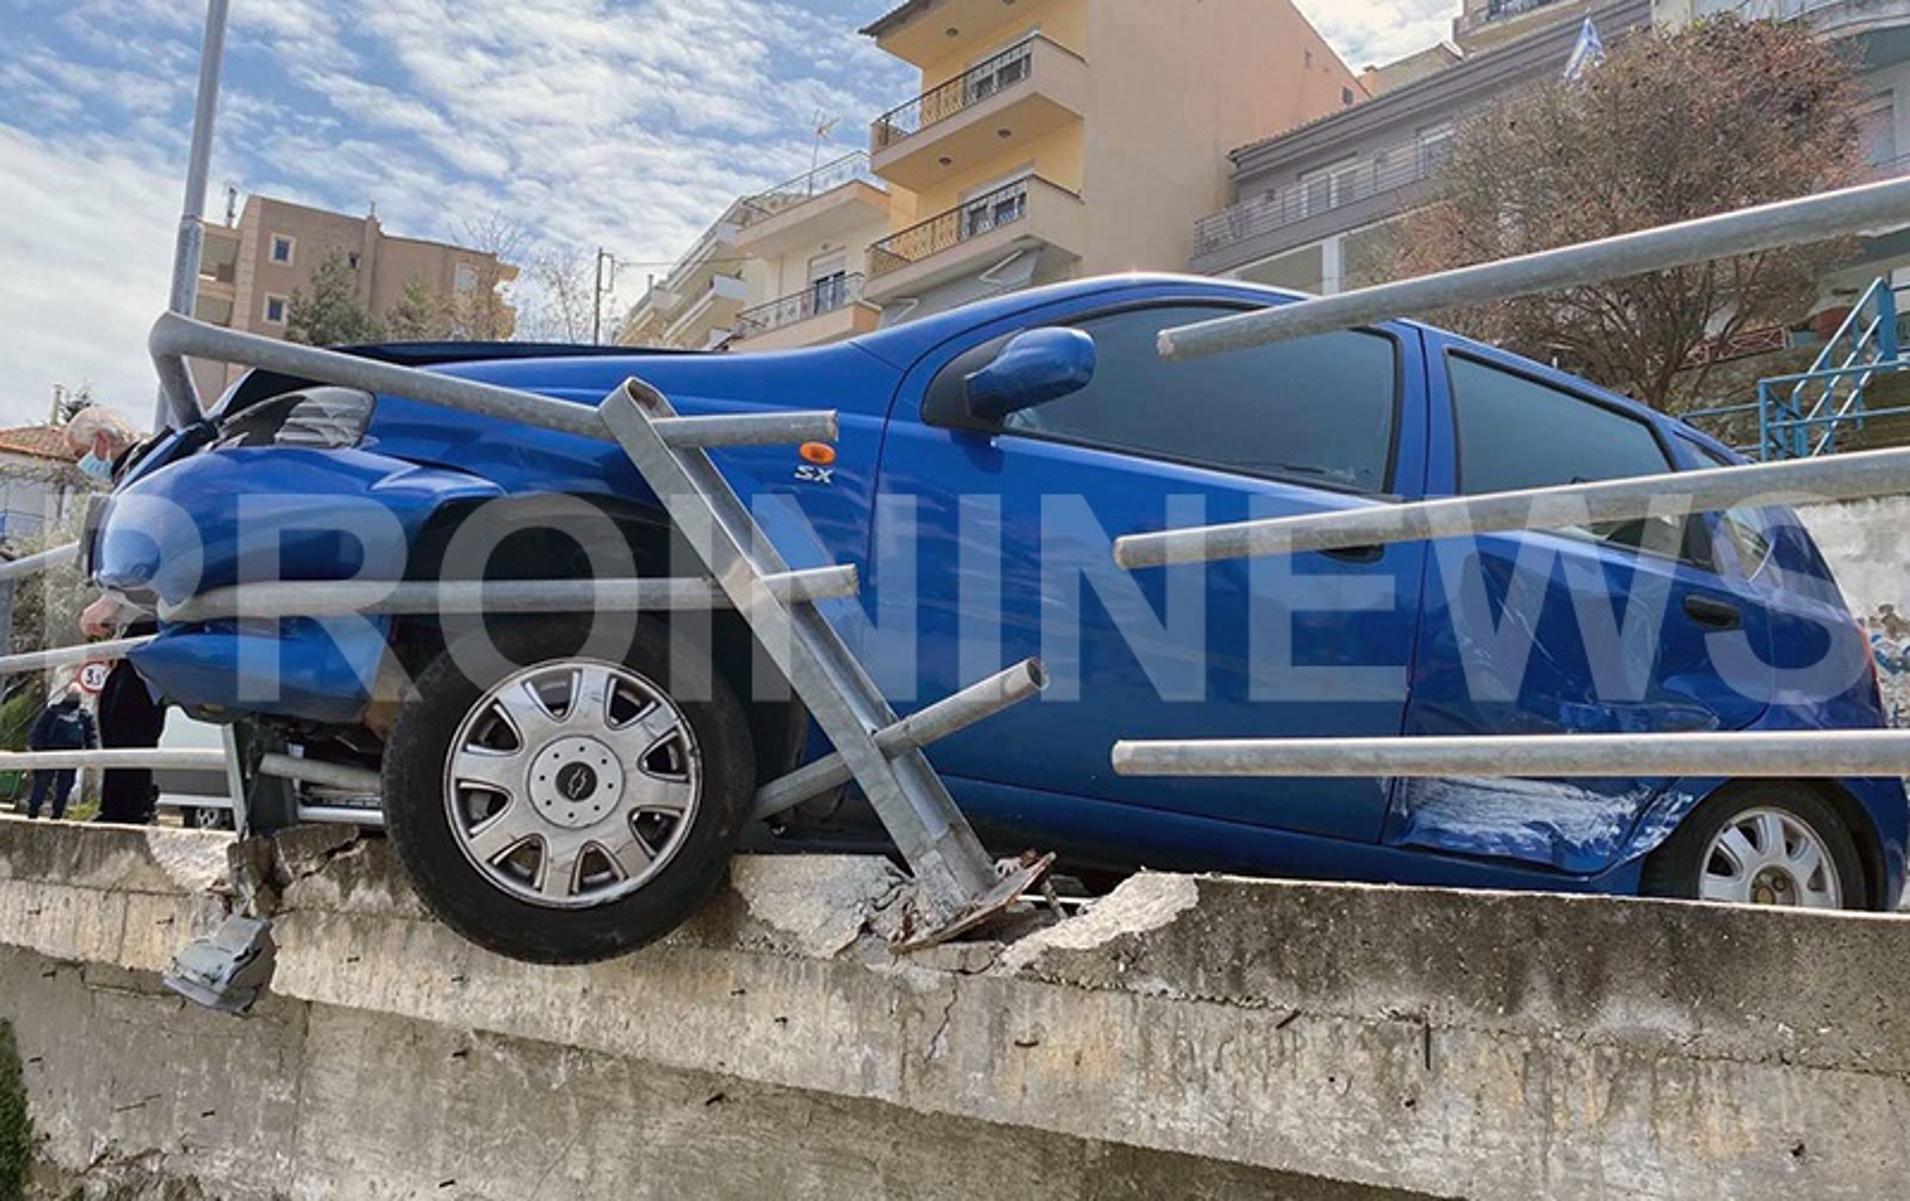 Καβάλα: Αυτοκίνητο κρέμεται στην άκρη γέφυρας – Φωτογραφίες που σοκάρουν